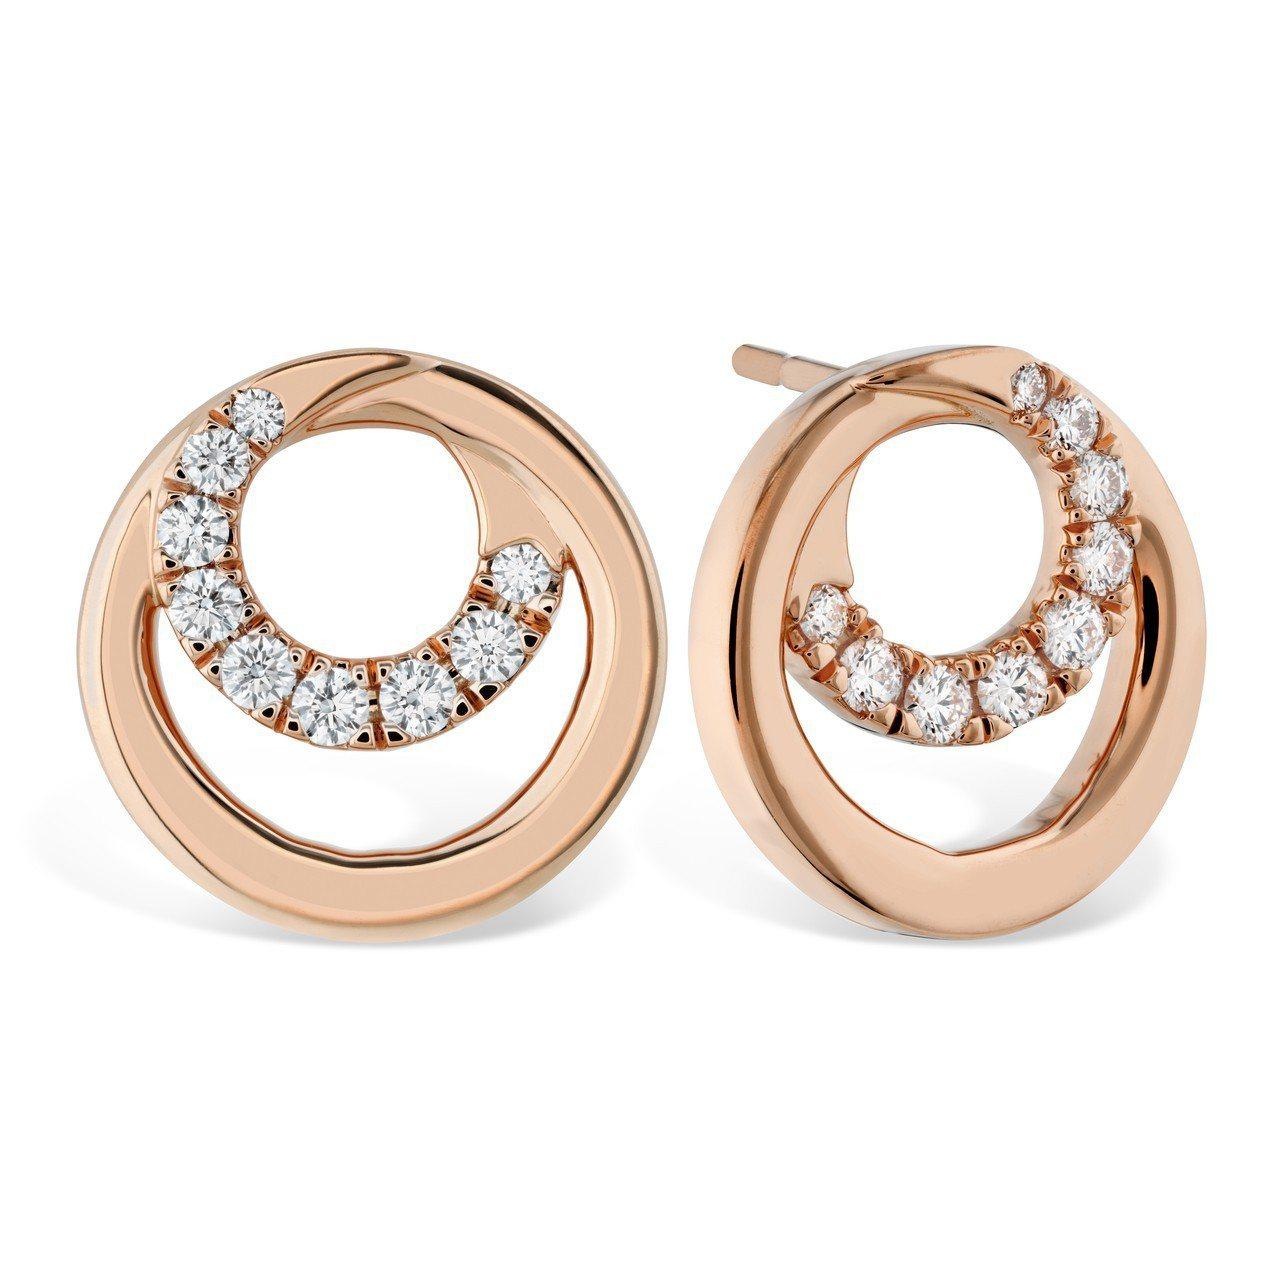 Optima 系列耳環,玫瑰金鑲嵌鑽石0.36克拉,62,000元。圖/HEAR...